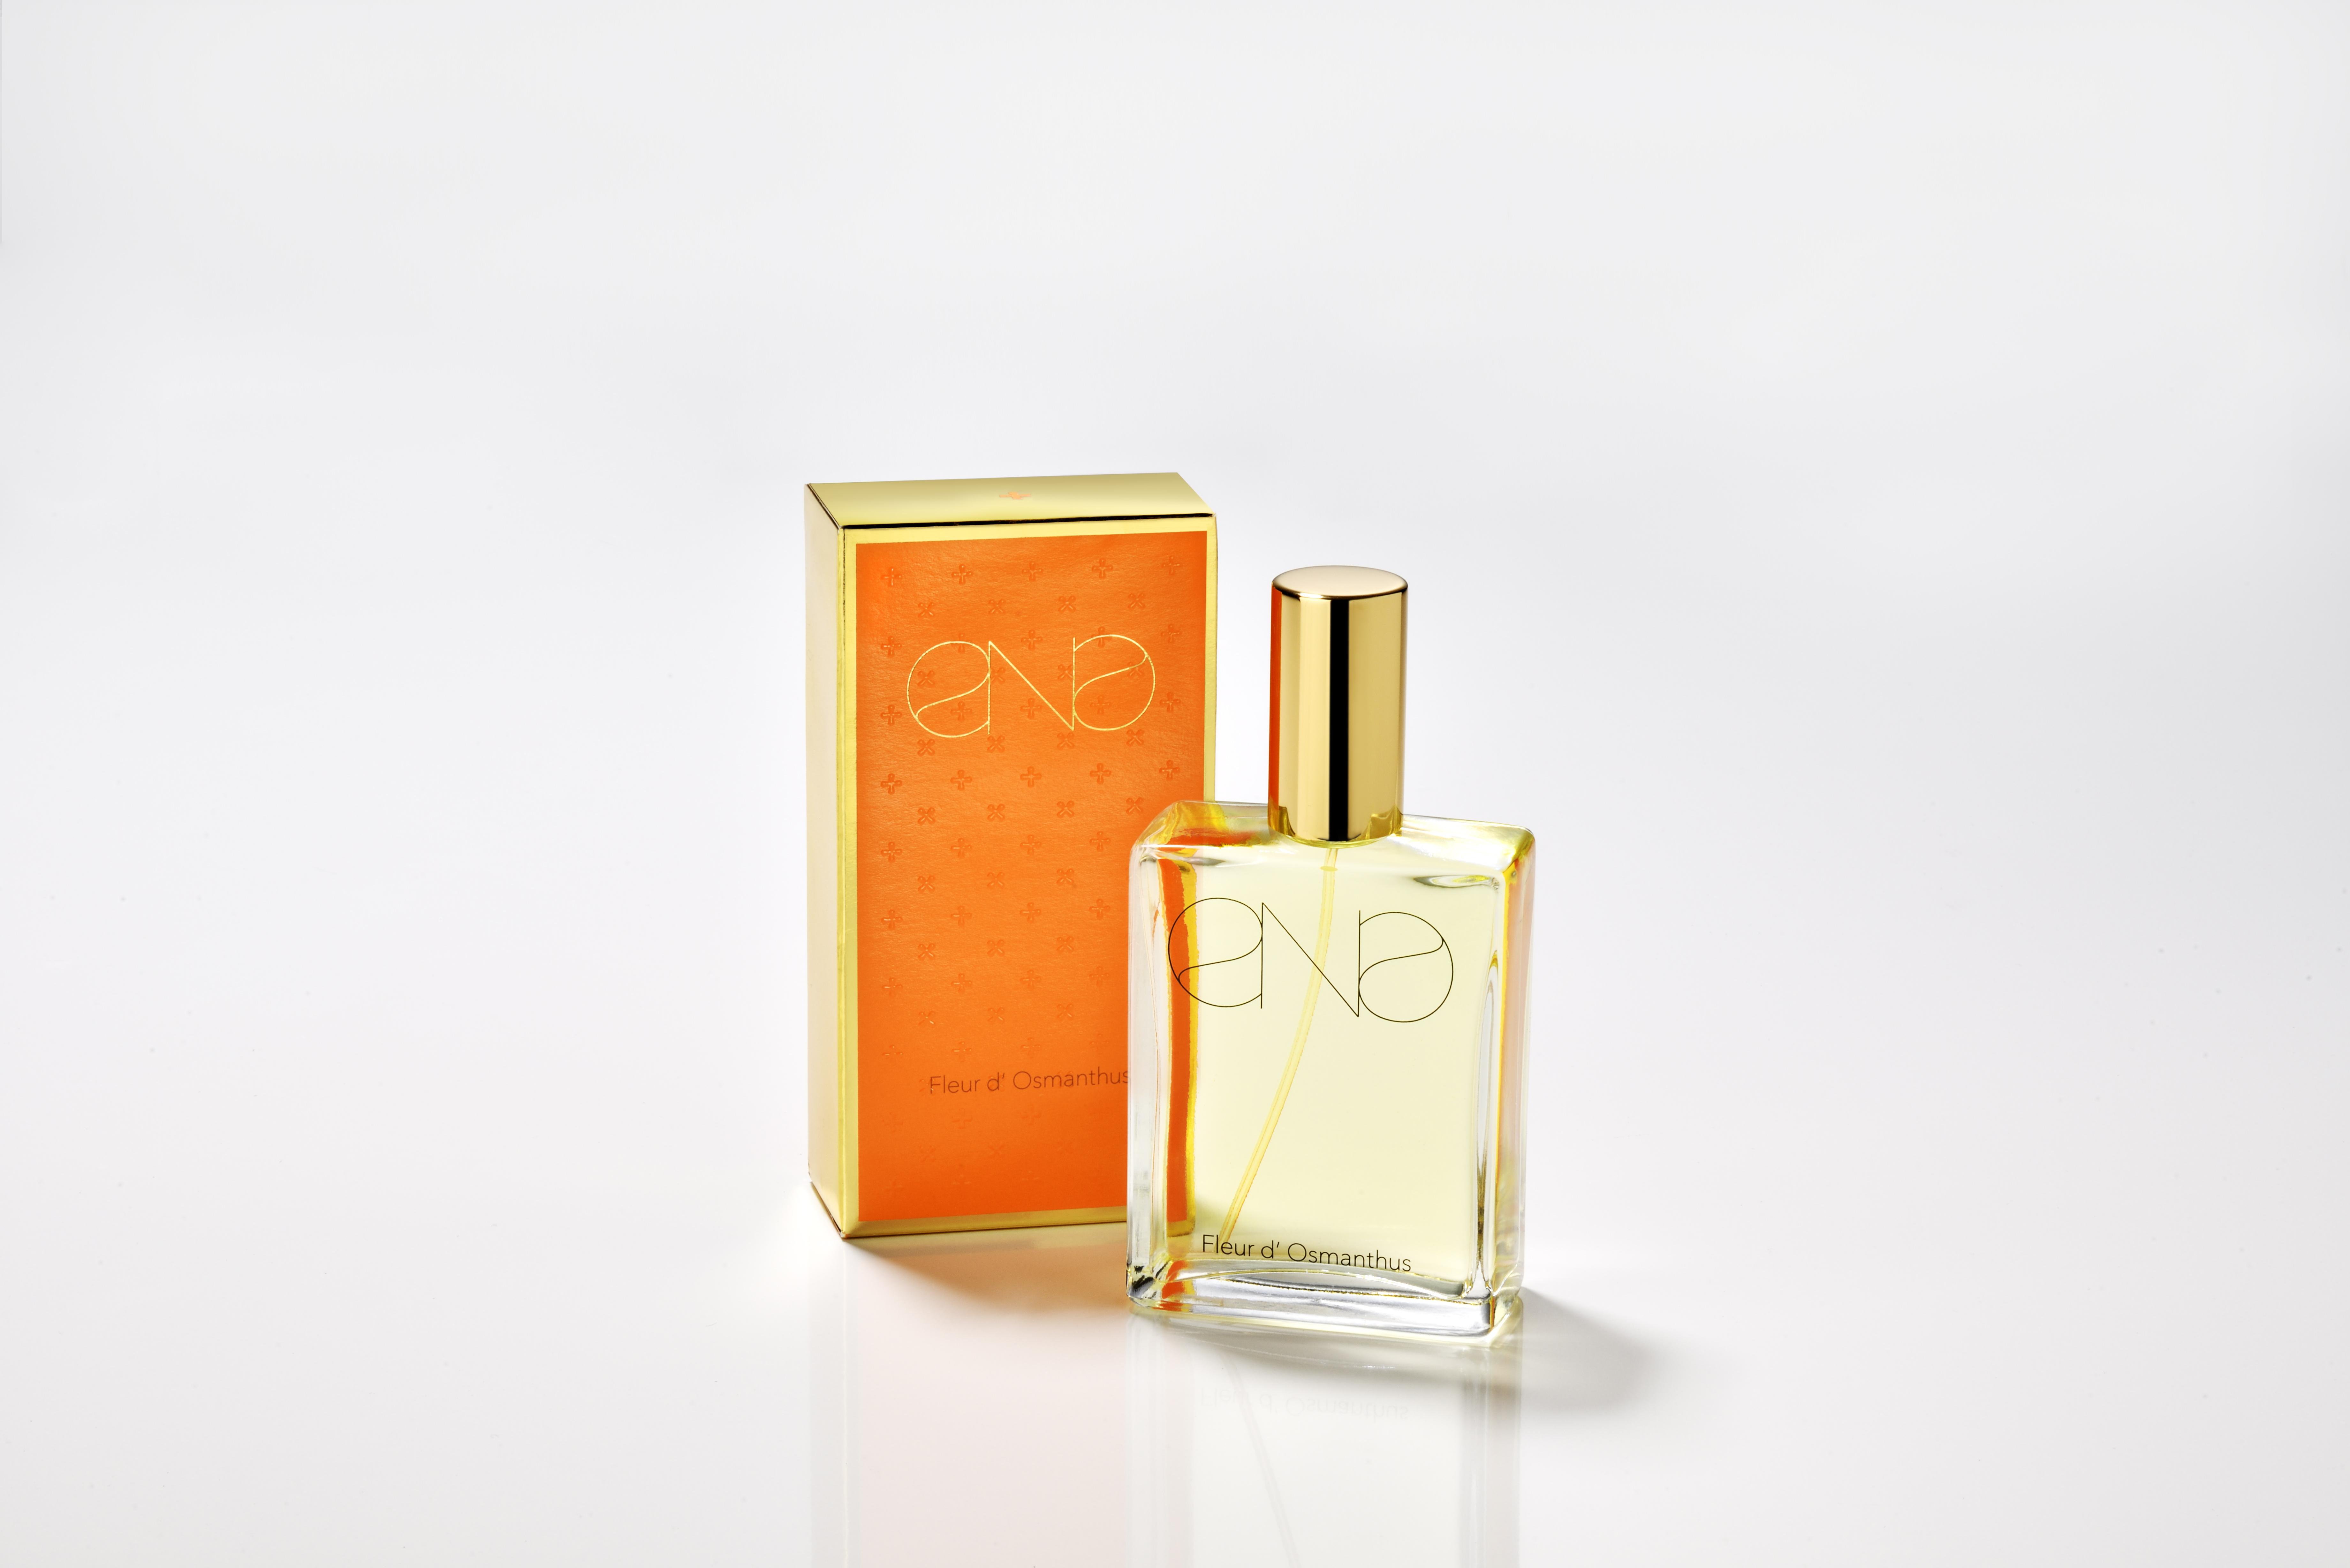 メンズ 金木犀 香水